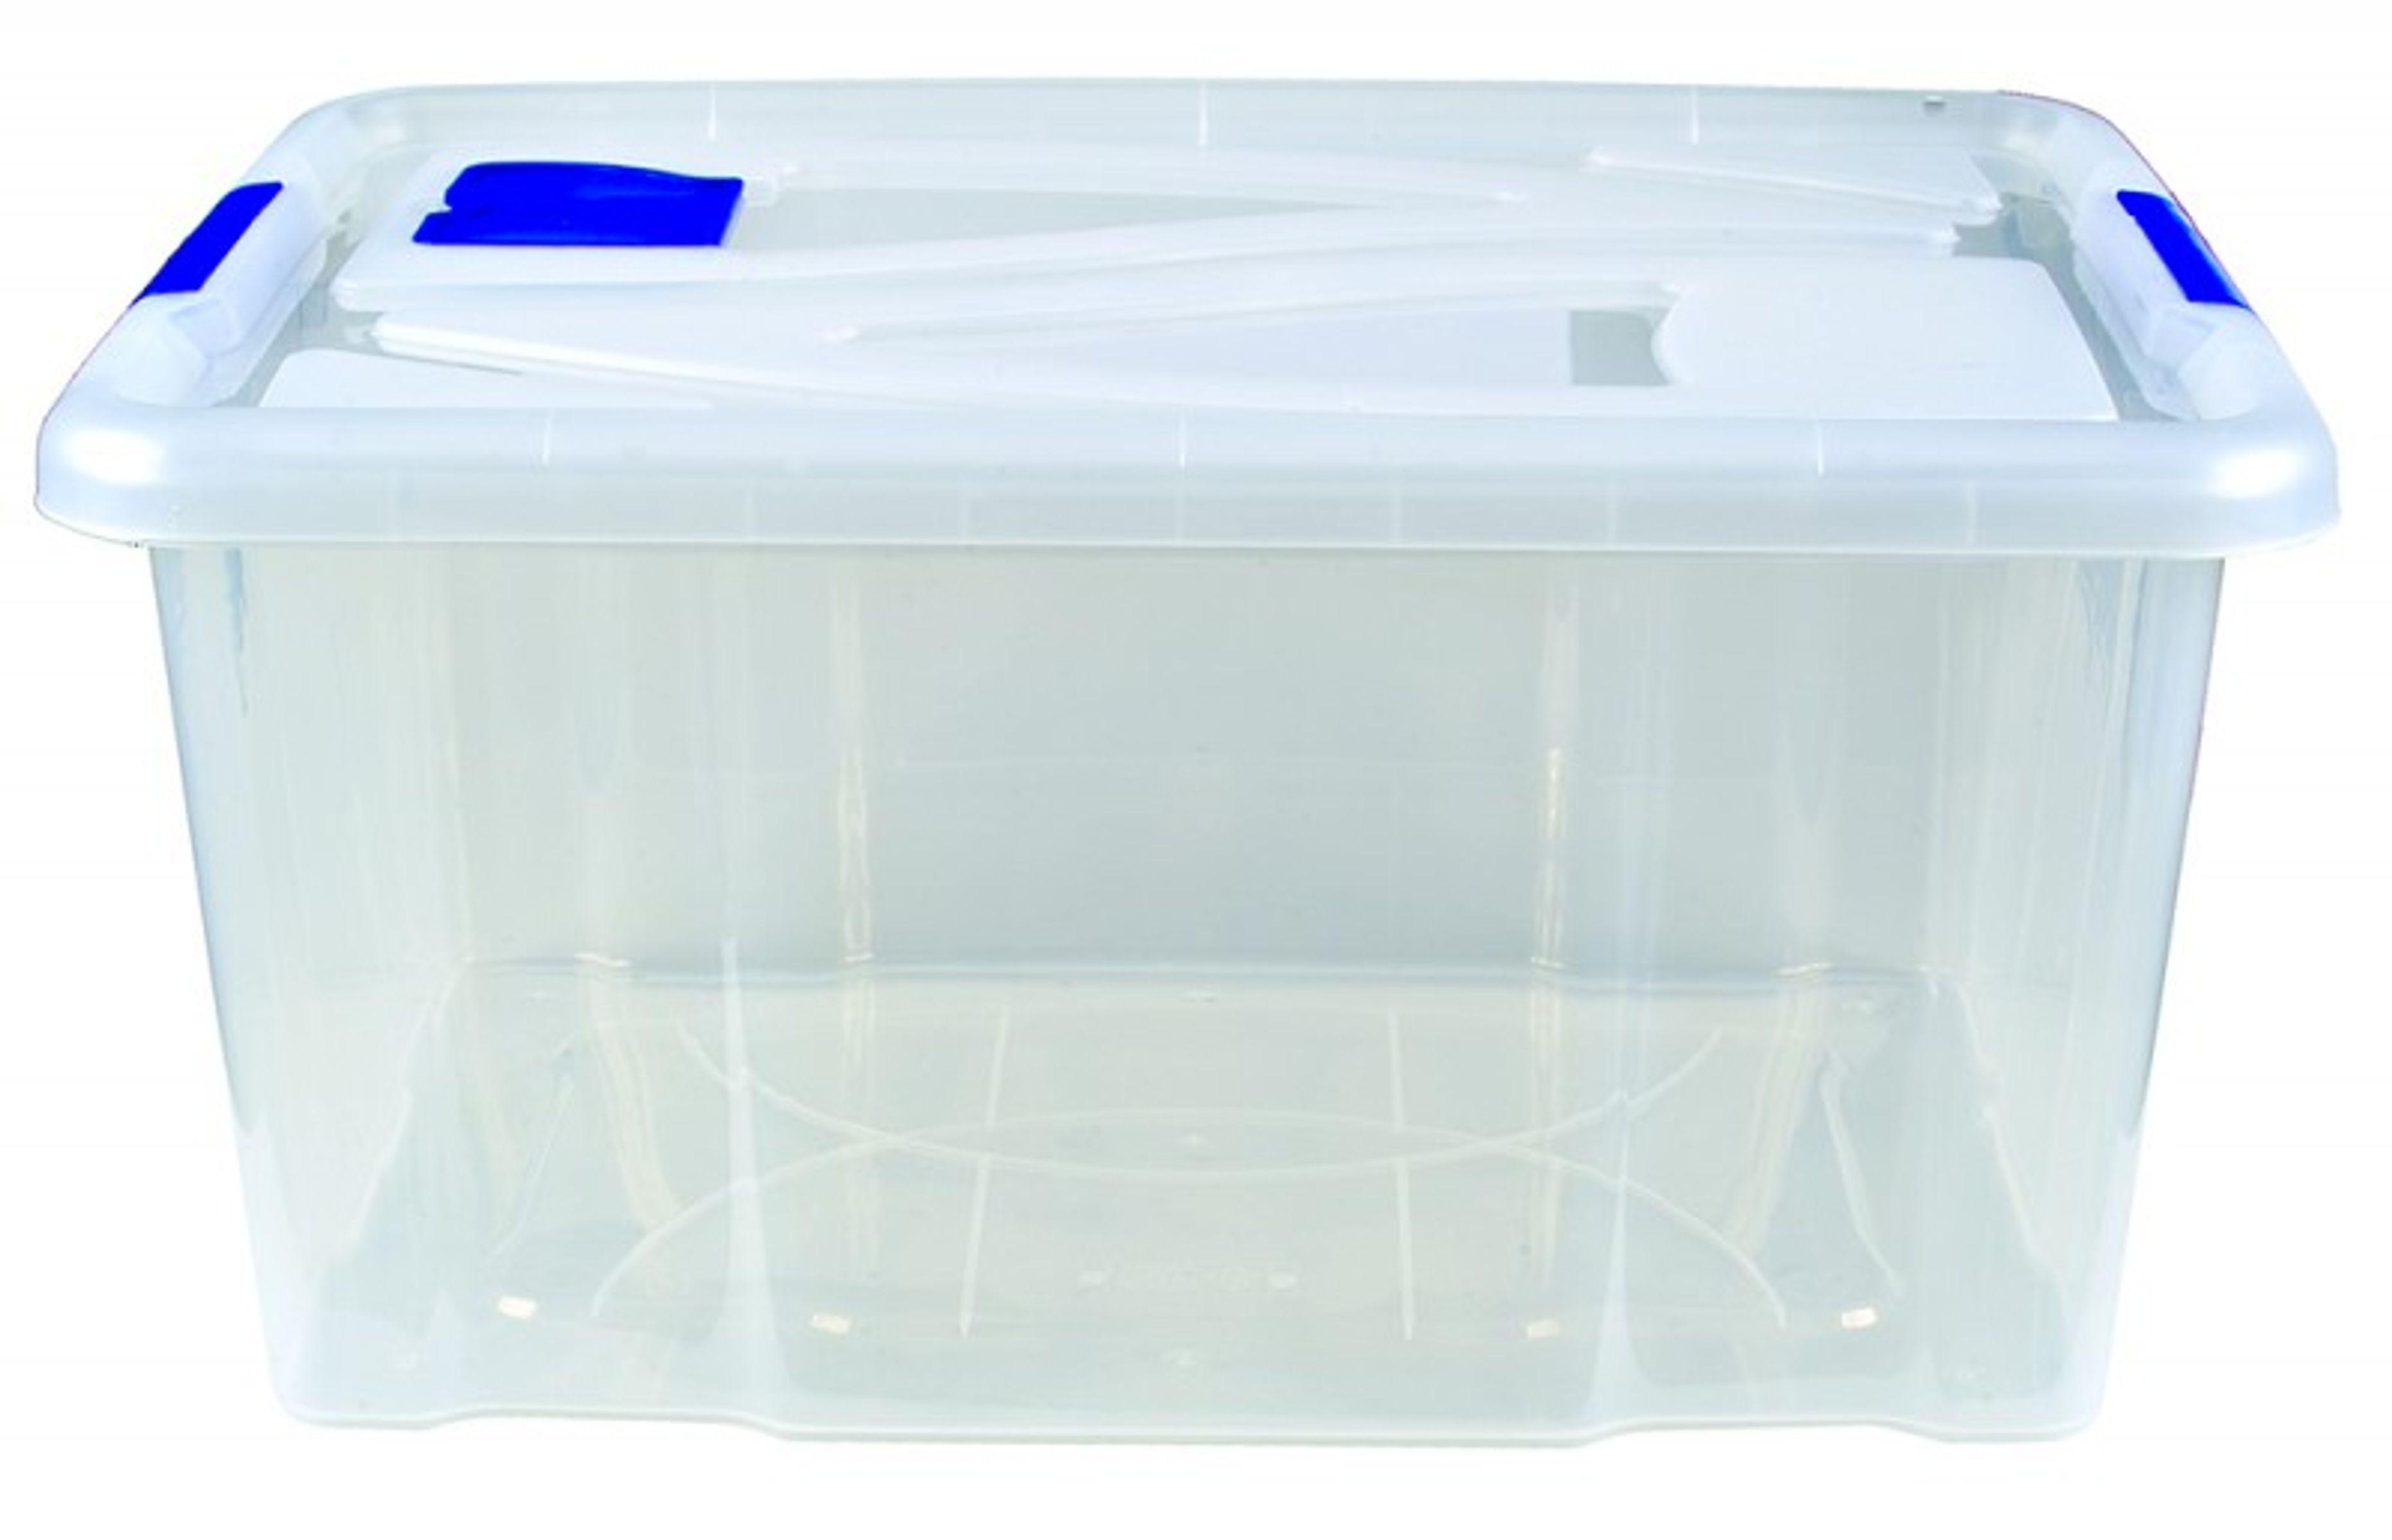 aufbewahrungsbox mit deckel box lagerbox aufbewahrungskiste kiste 55 liter ebay. Black Bedroom Furniture Sets. Home Design Ideas